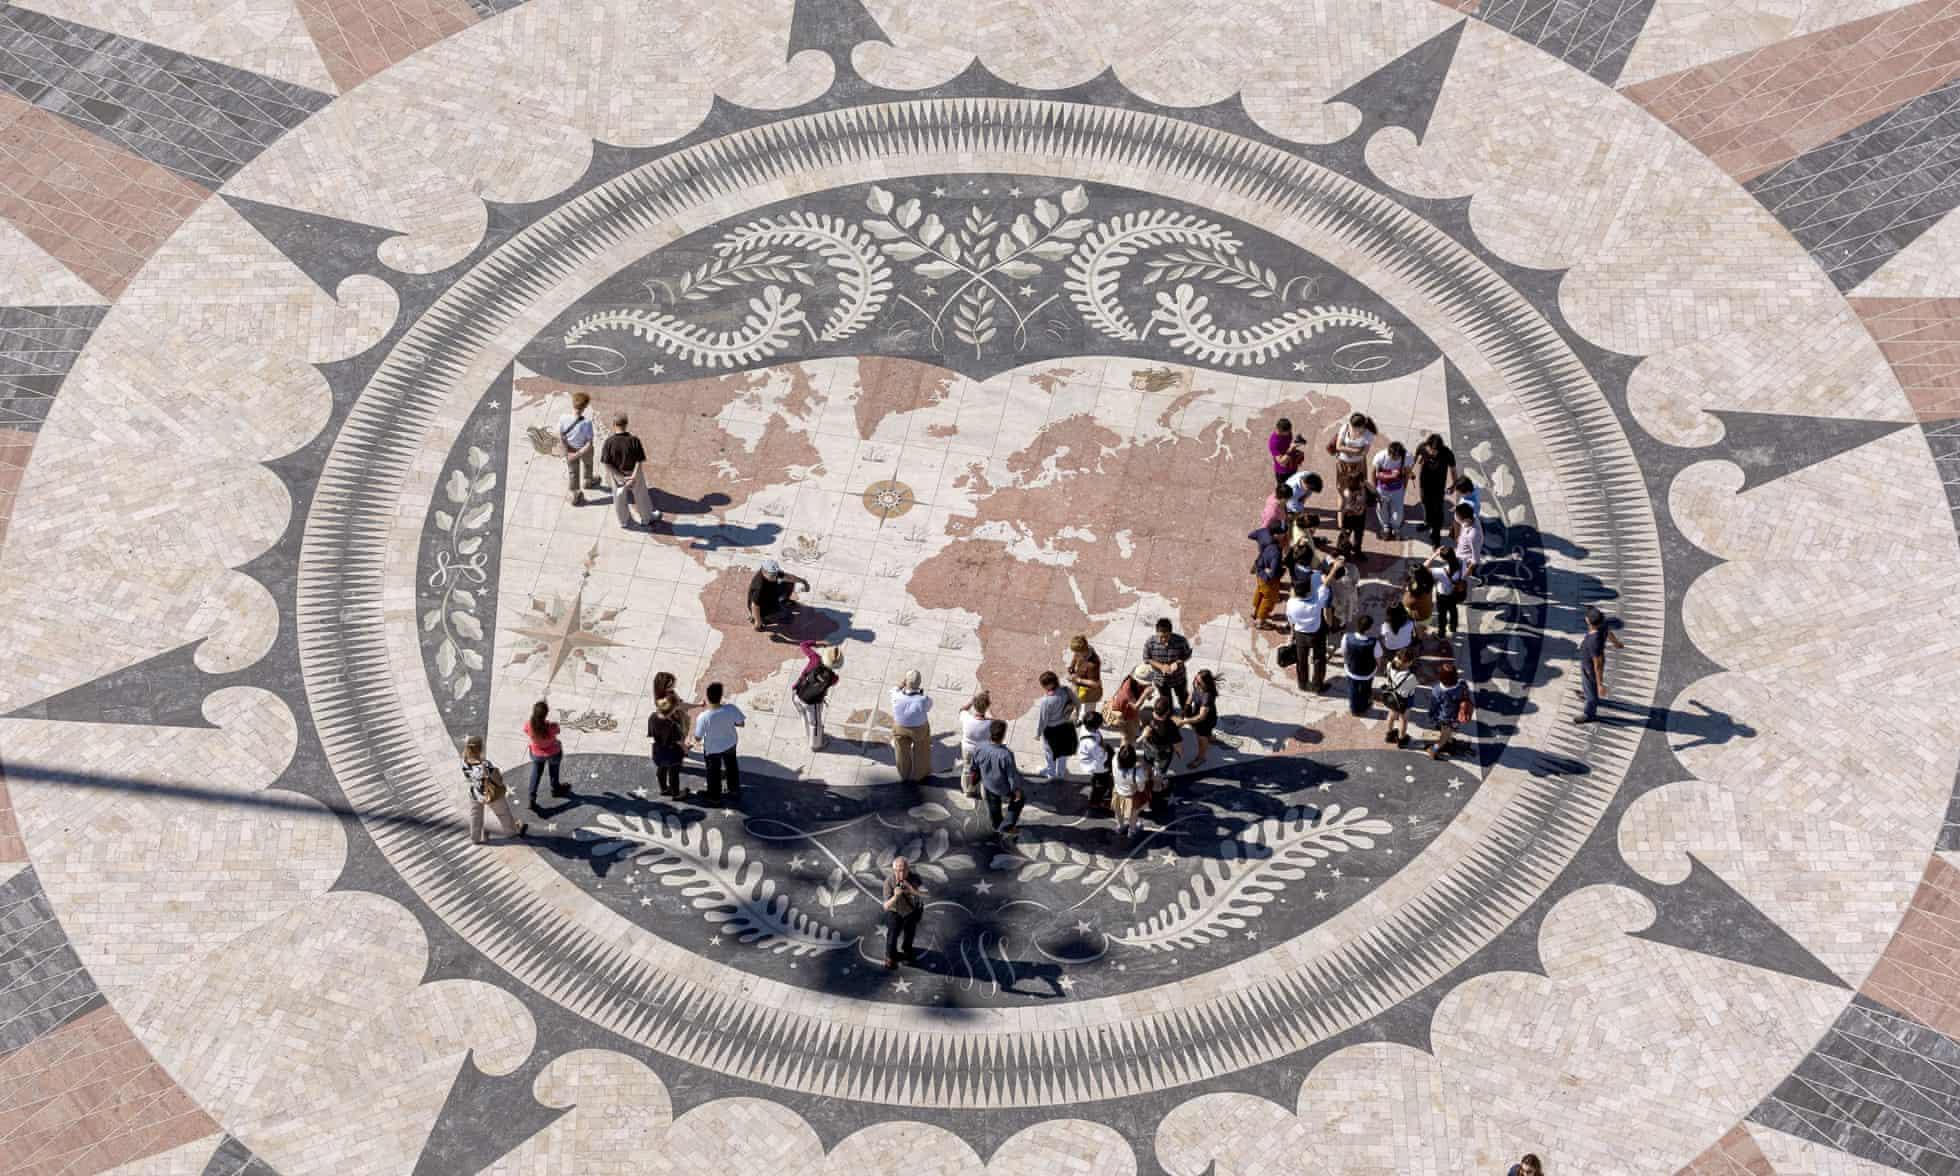 Xây dựng trên xương máucủa người nô lệ: Châu Phi đã bị xóa khỏi lịch sử thế giới hiện đại như thế nào